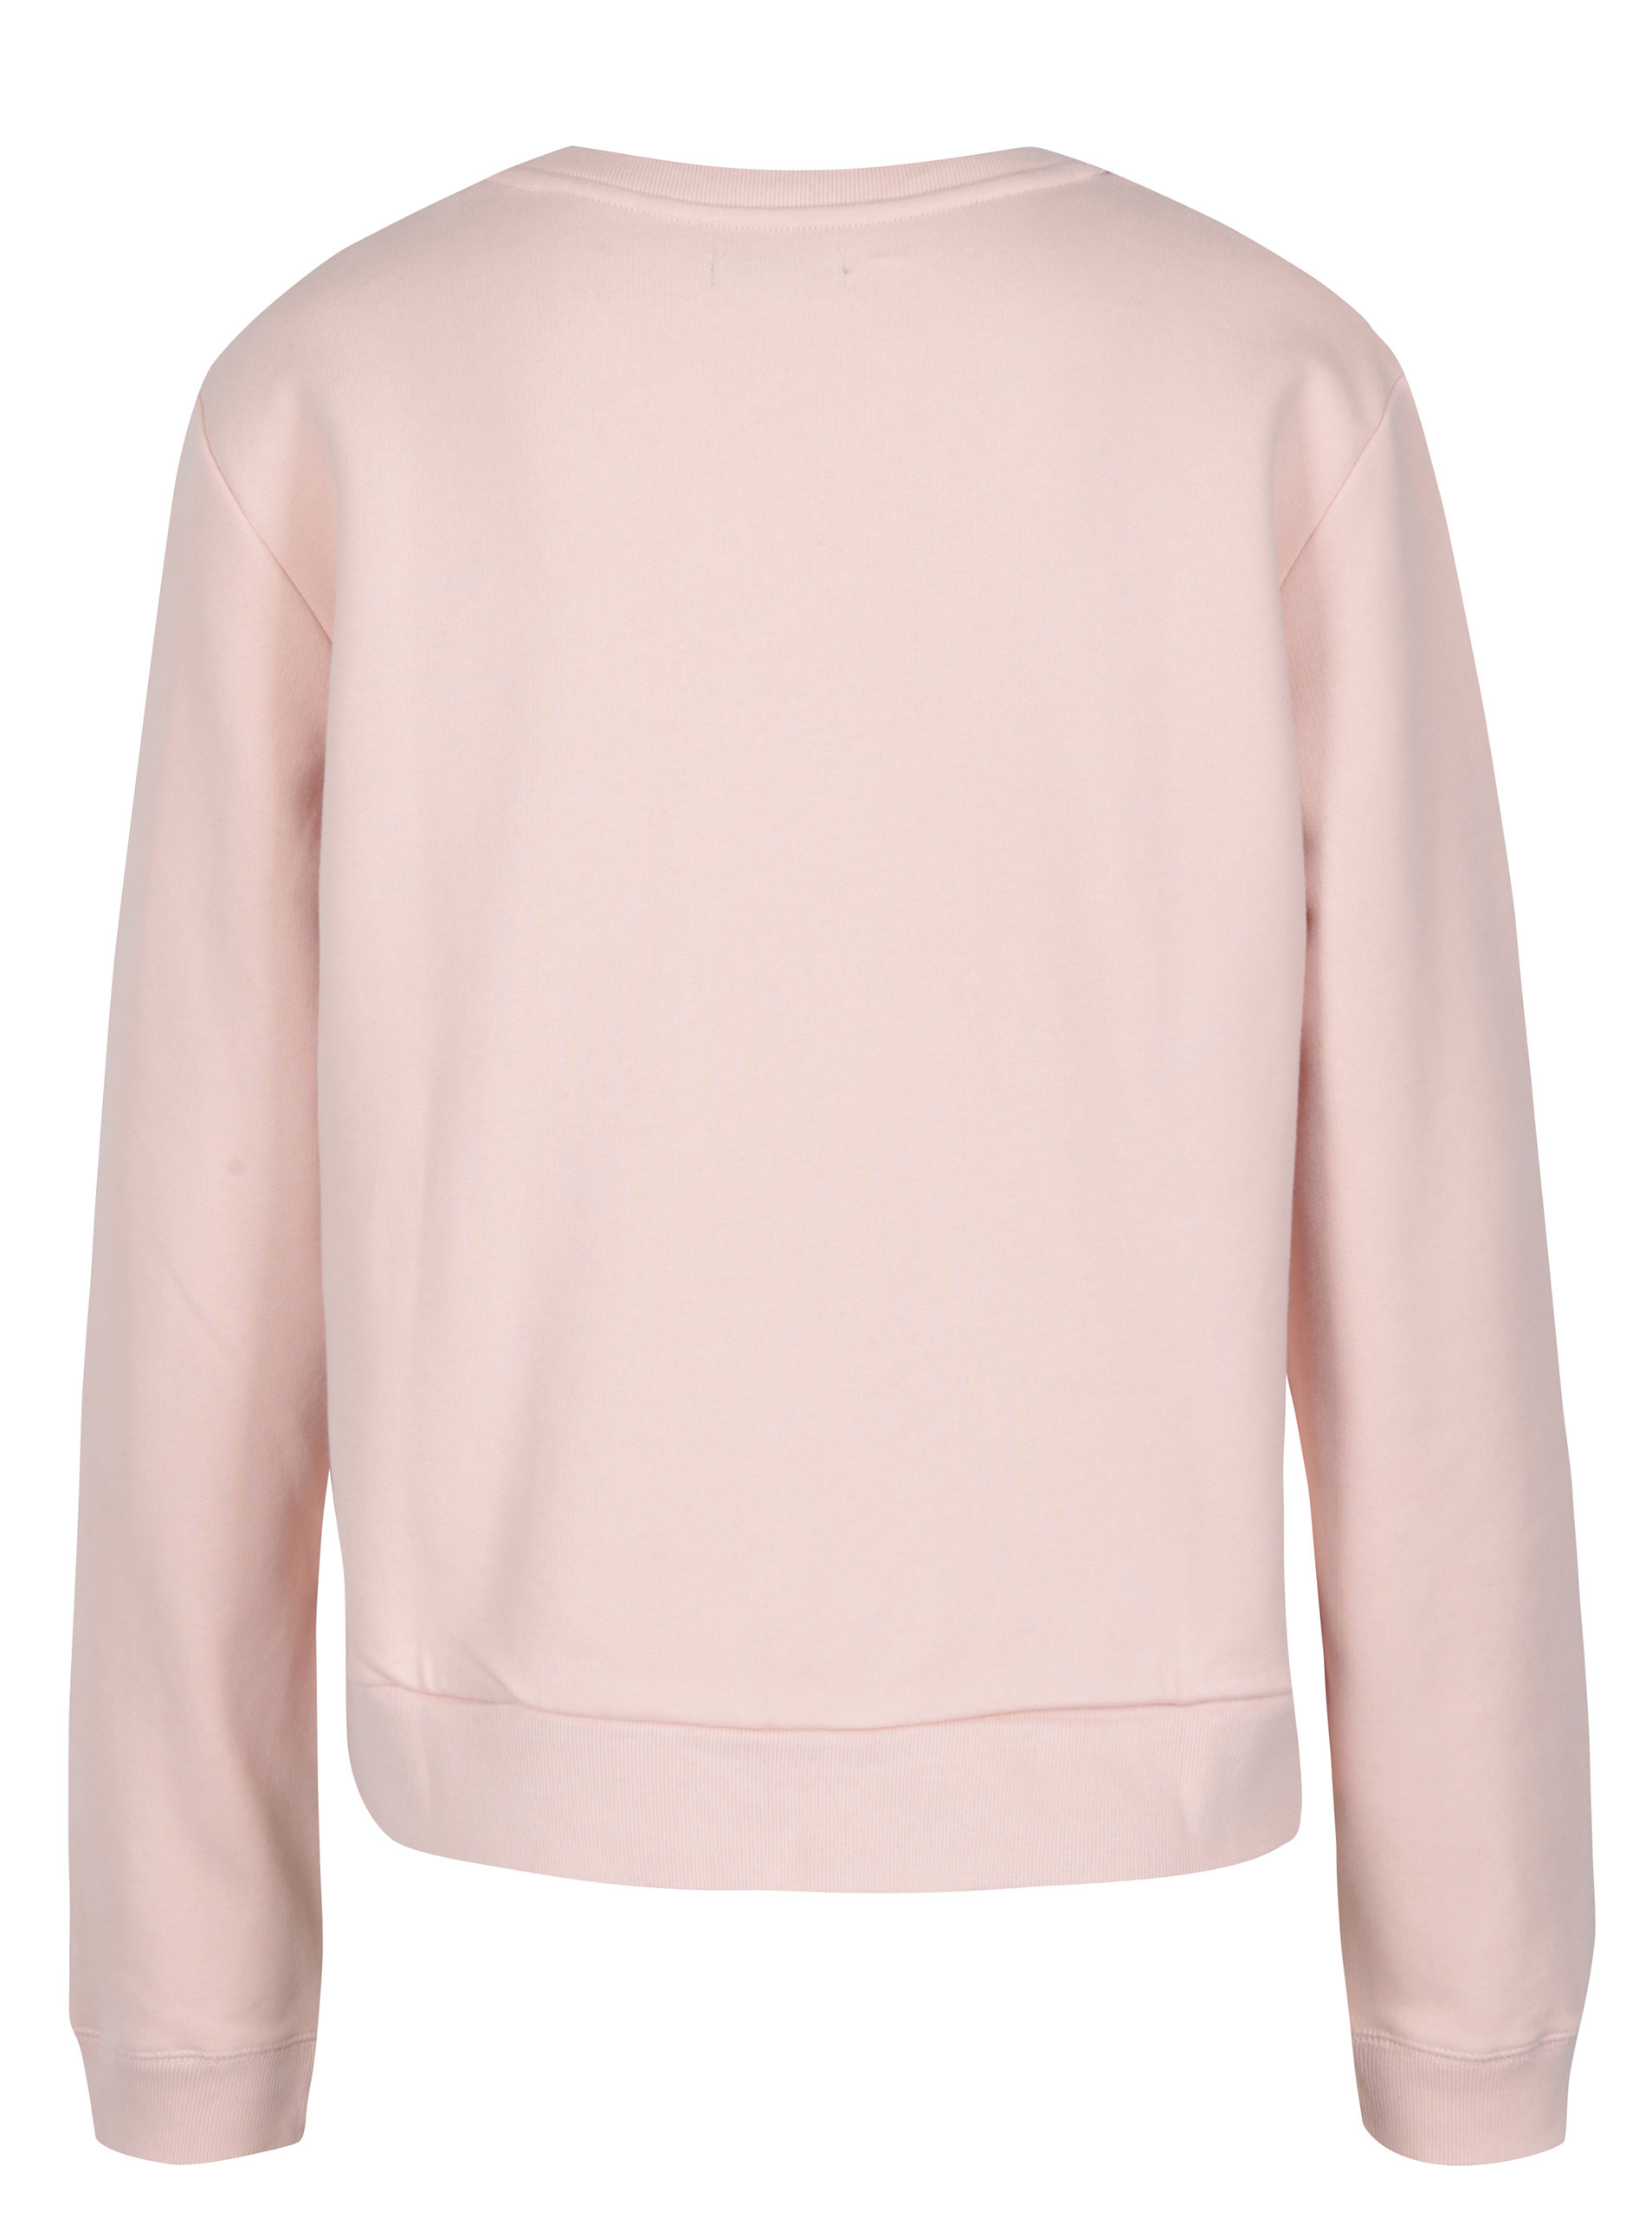 Světle růžová dámská mikina s výšivkou Calvin Klein Jeans Harper ... ed9a3b3da4